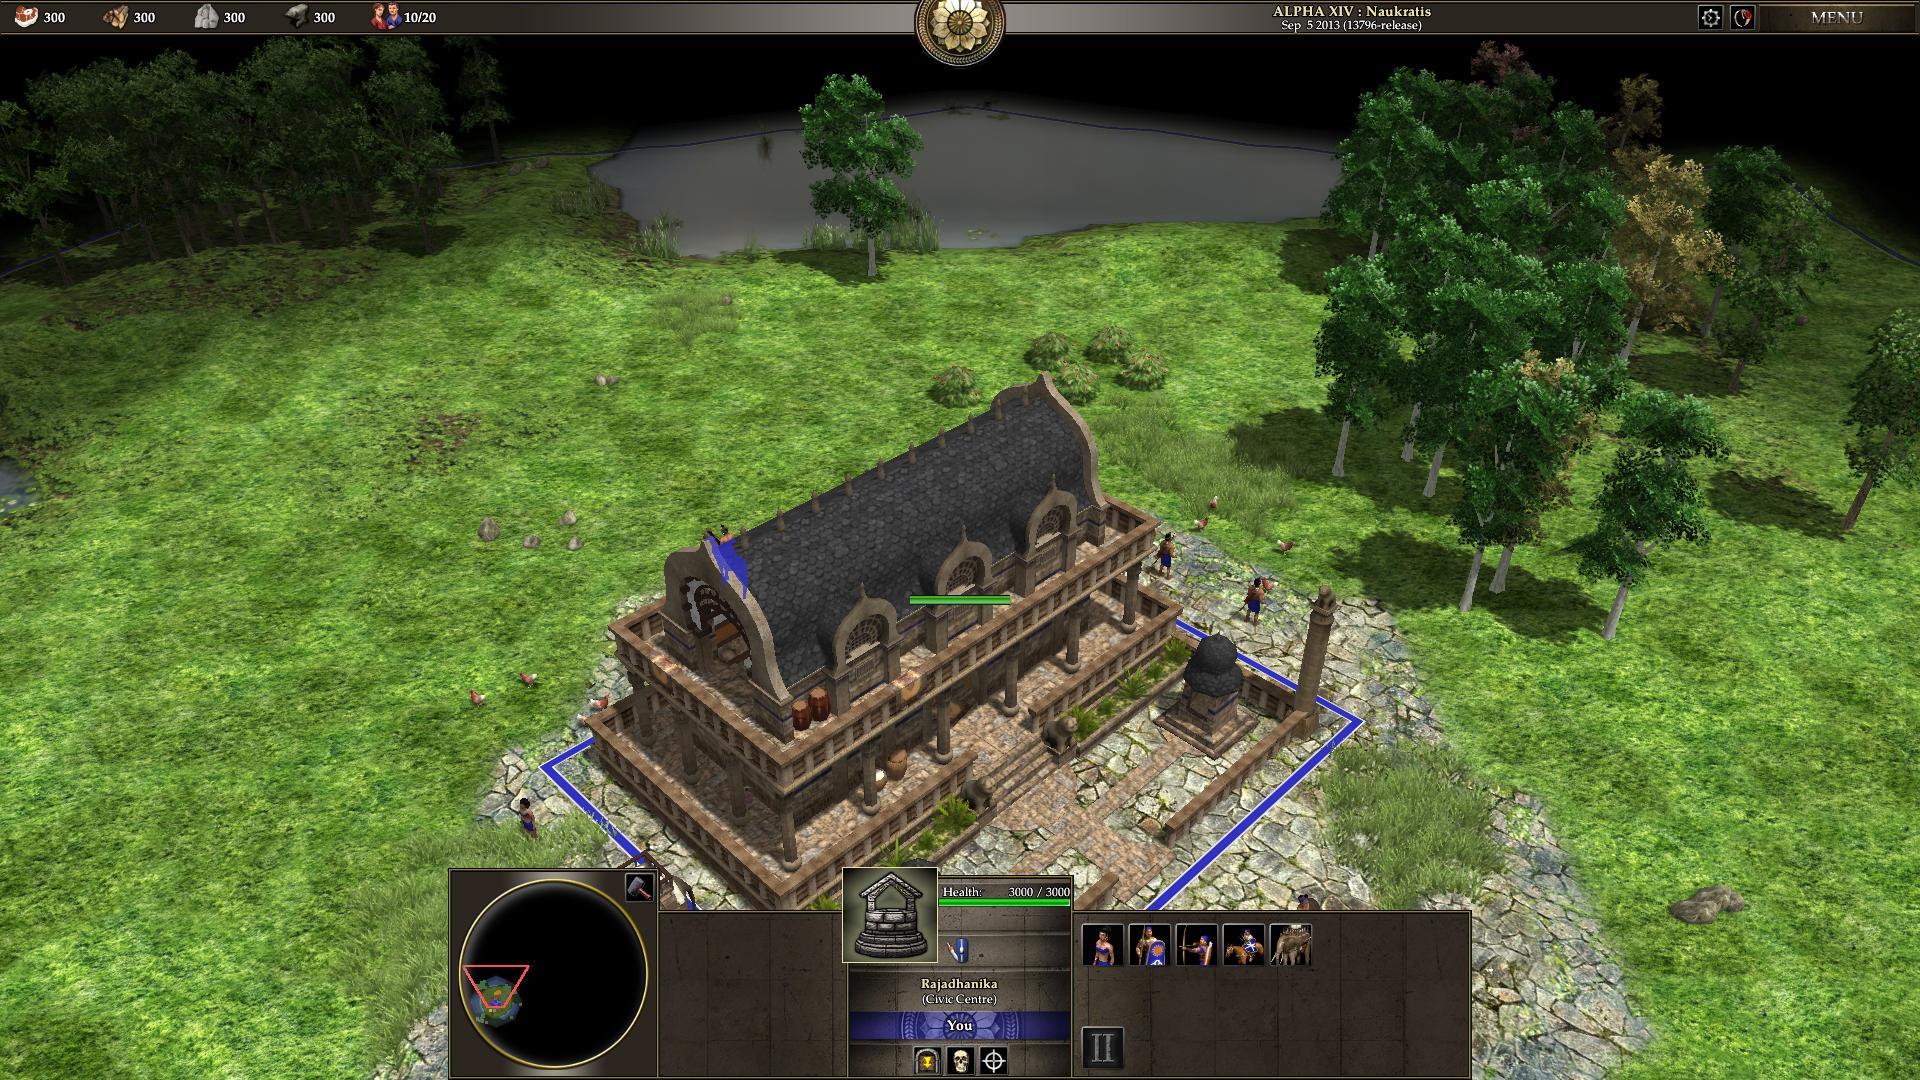 即时战略游戏 0 A.D. ALPHA 14 发布